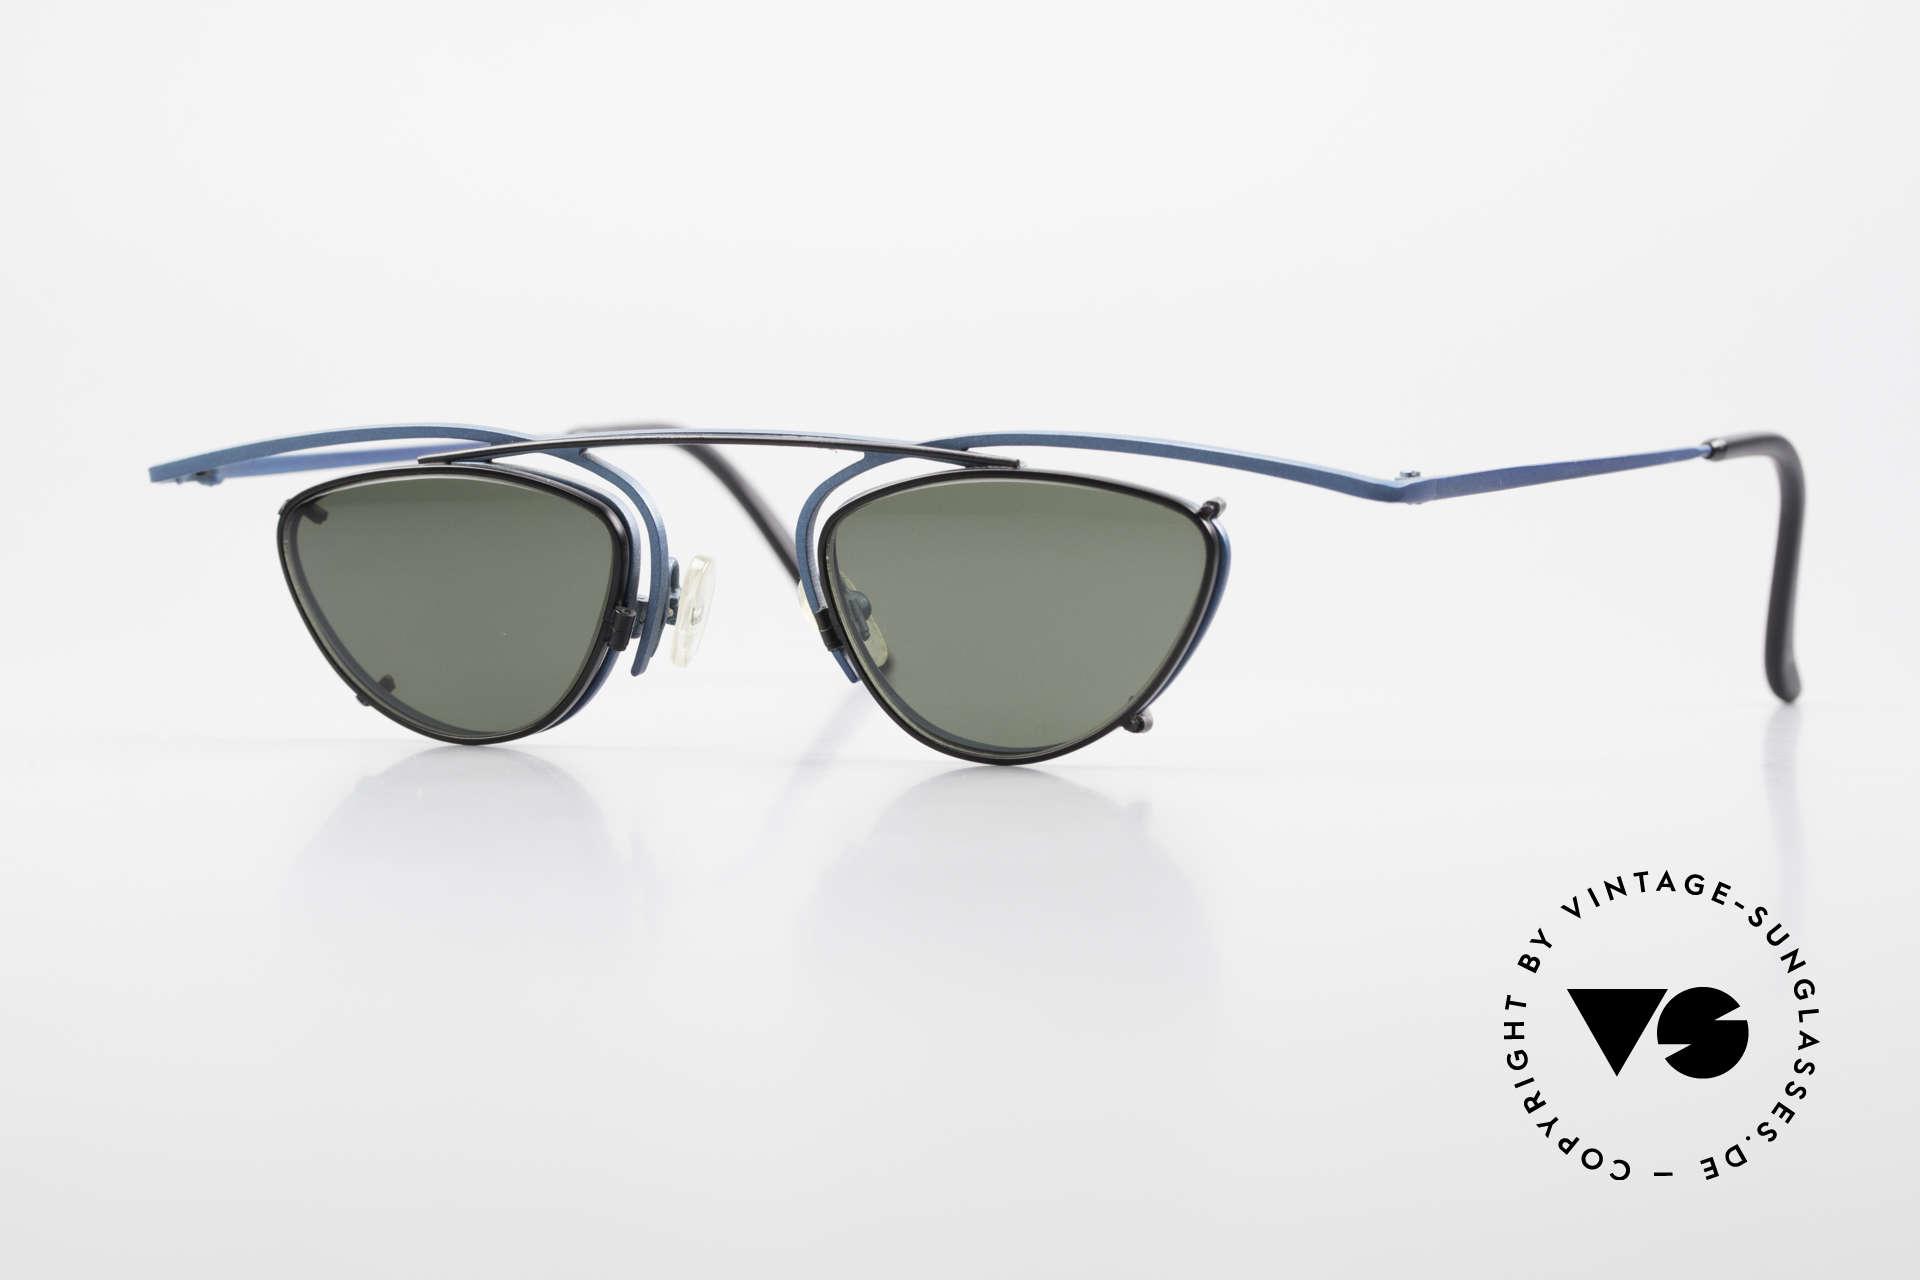 Theo Belgium Rhum Designerbrille Mit Sonnen-Clip, interessante vintage Designer-Brille von Theo Belgium, Passend für Herren und Damen